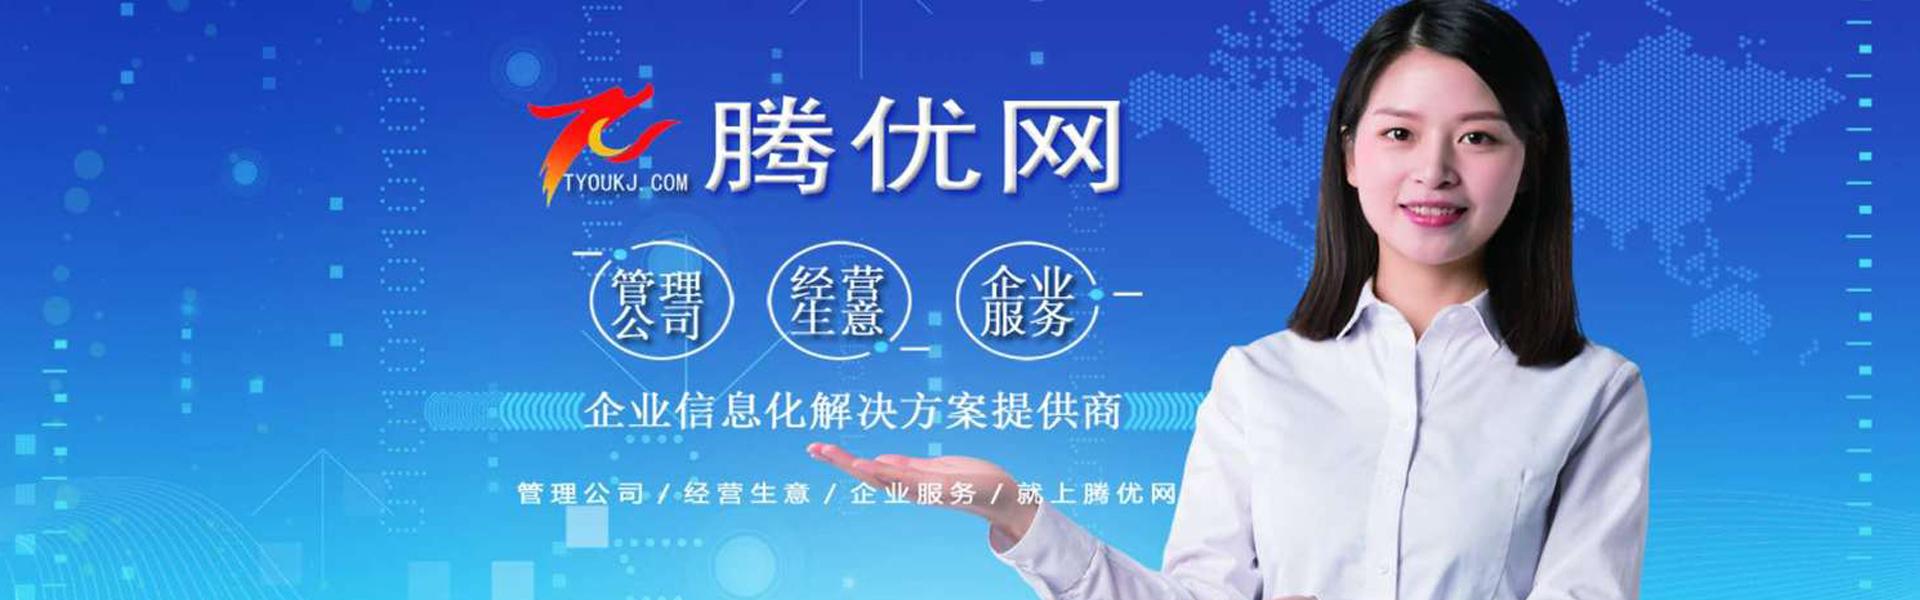 營銷獲客係統,廣州網絡推廣,廣州企業銷售管理係統,廣州電話外呼係統,企業銷售管理係統,廣州茄子视频色版app下载信息科技有限公司